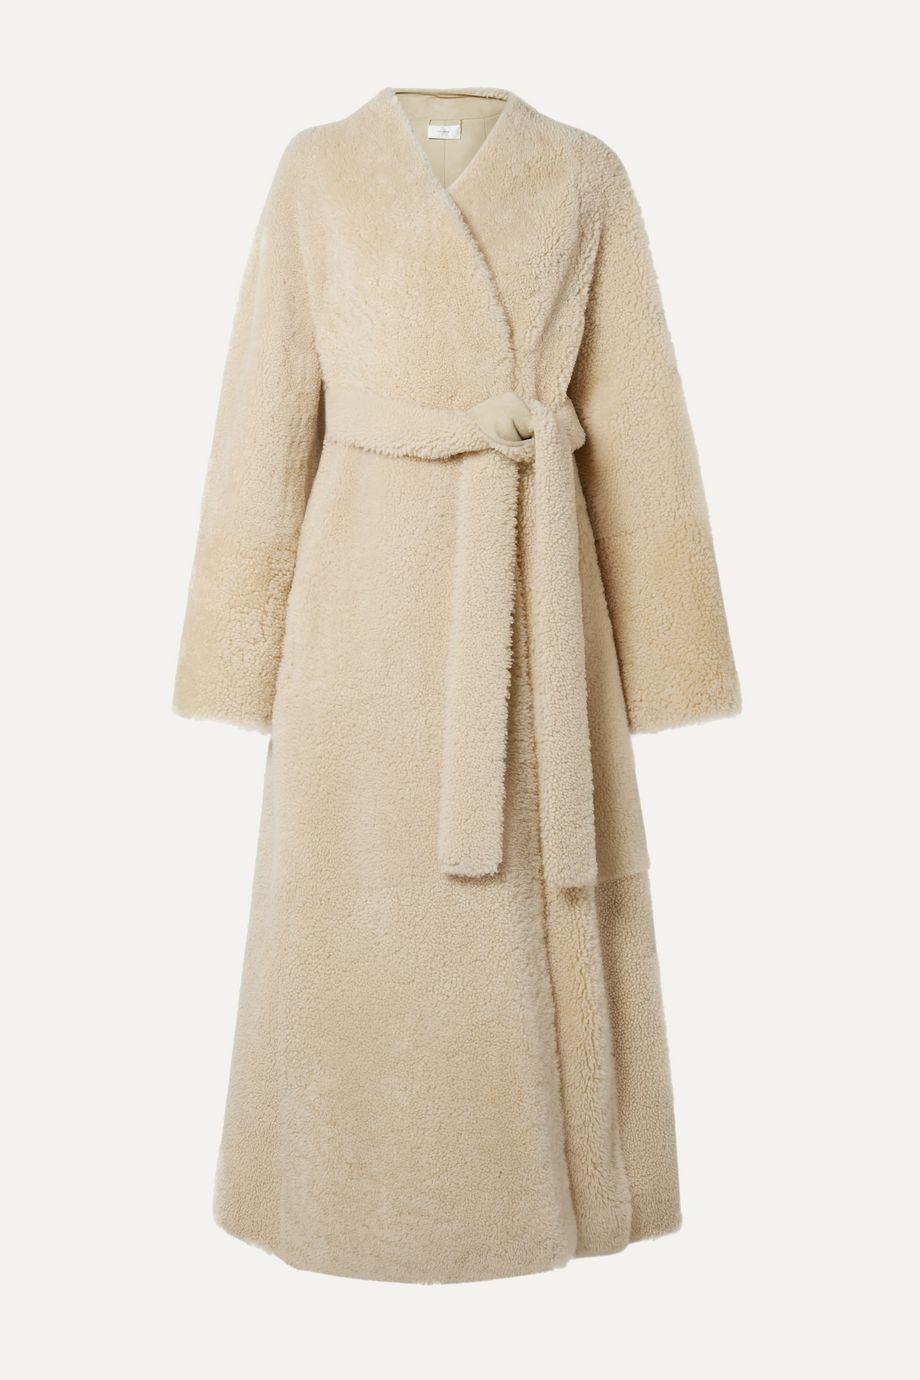 The Row Tanilo shearling coat